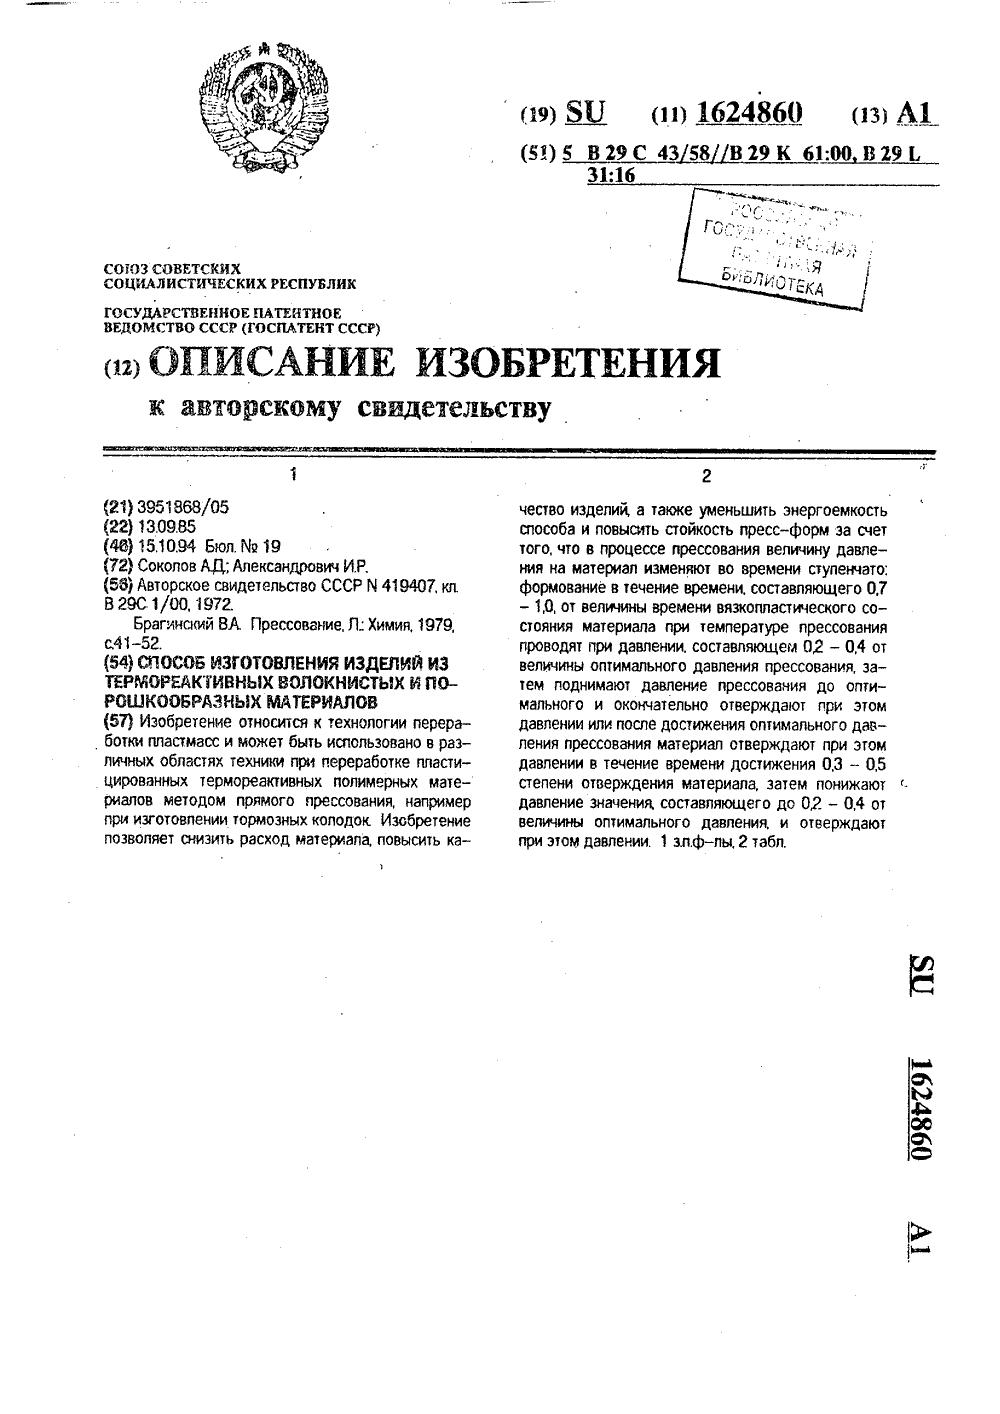 Ethyl 2-(2,4-dimethylthiazol-5-yl)acetate cas:405921-41-7